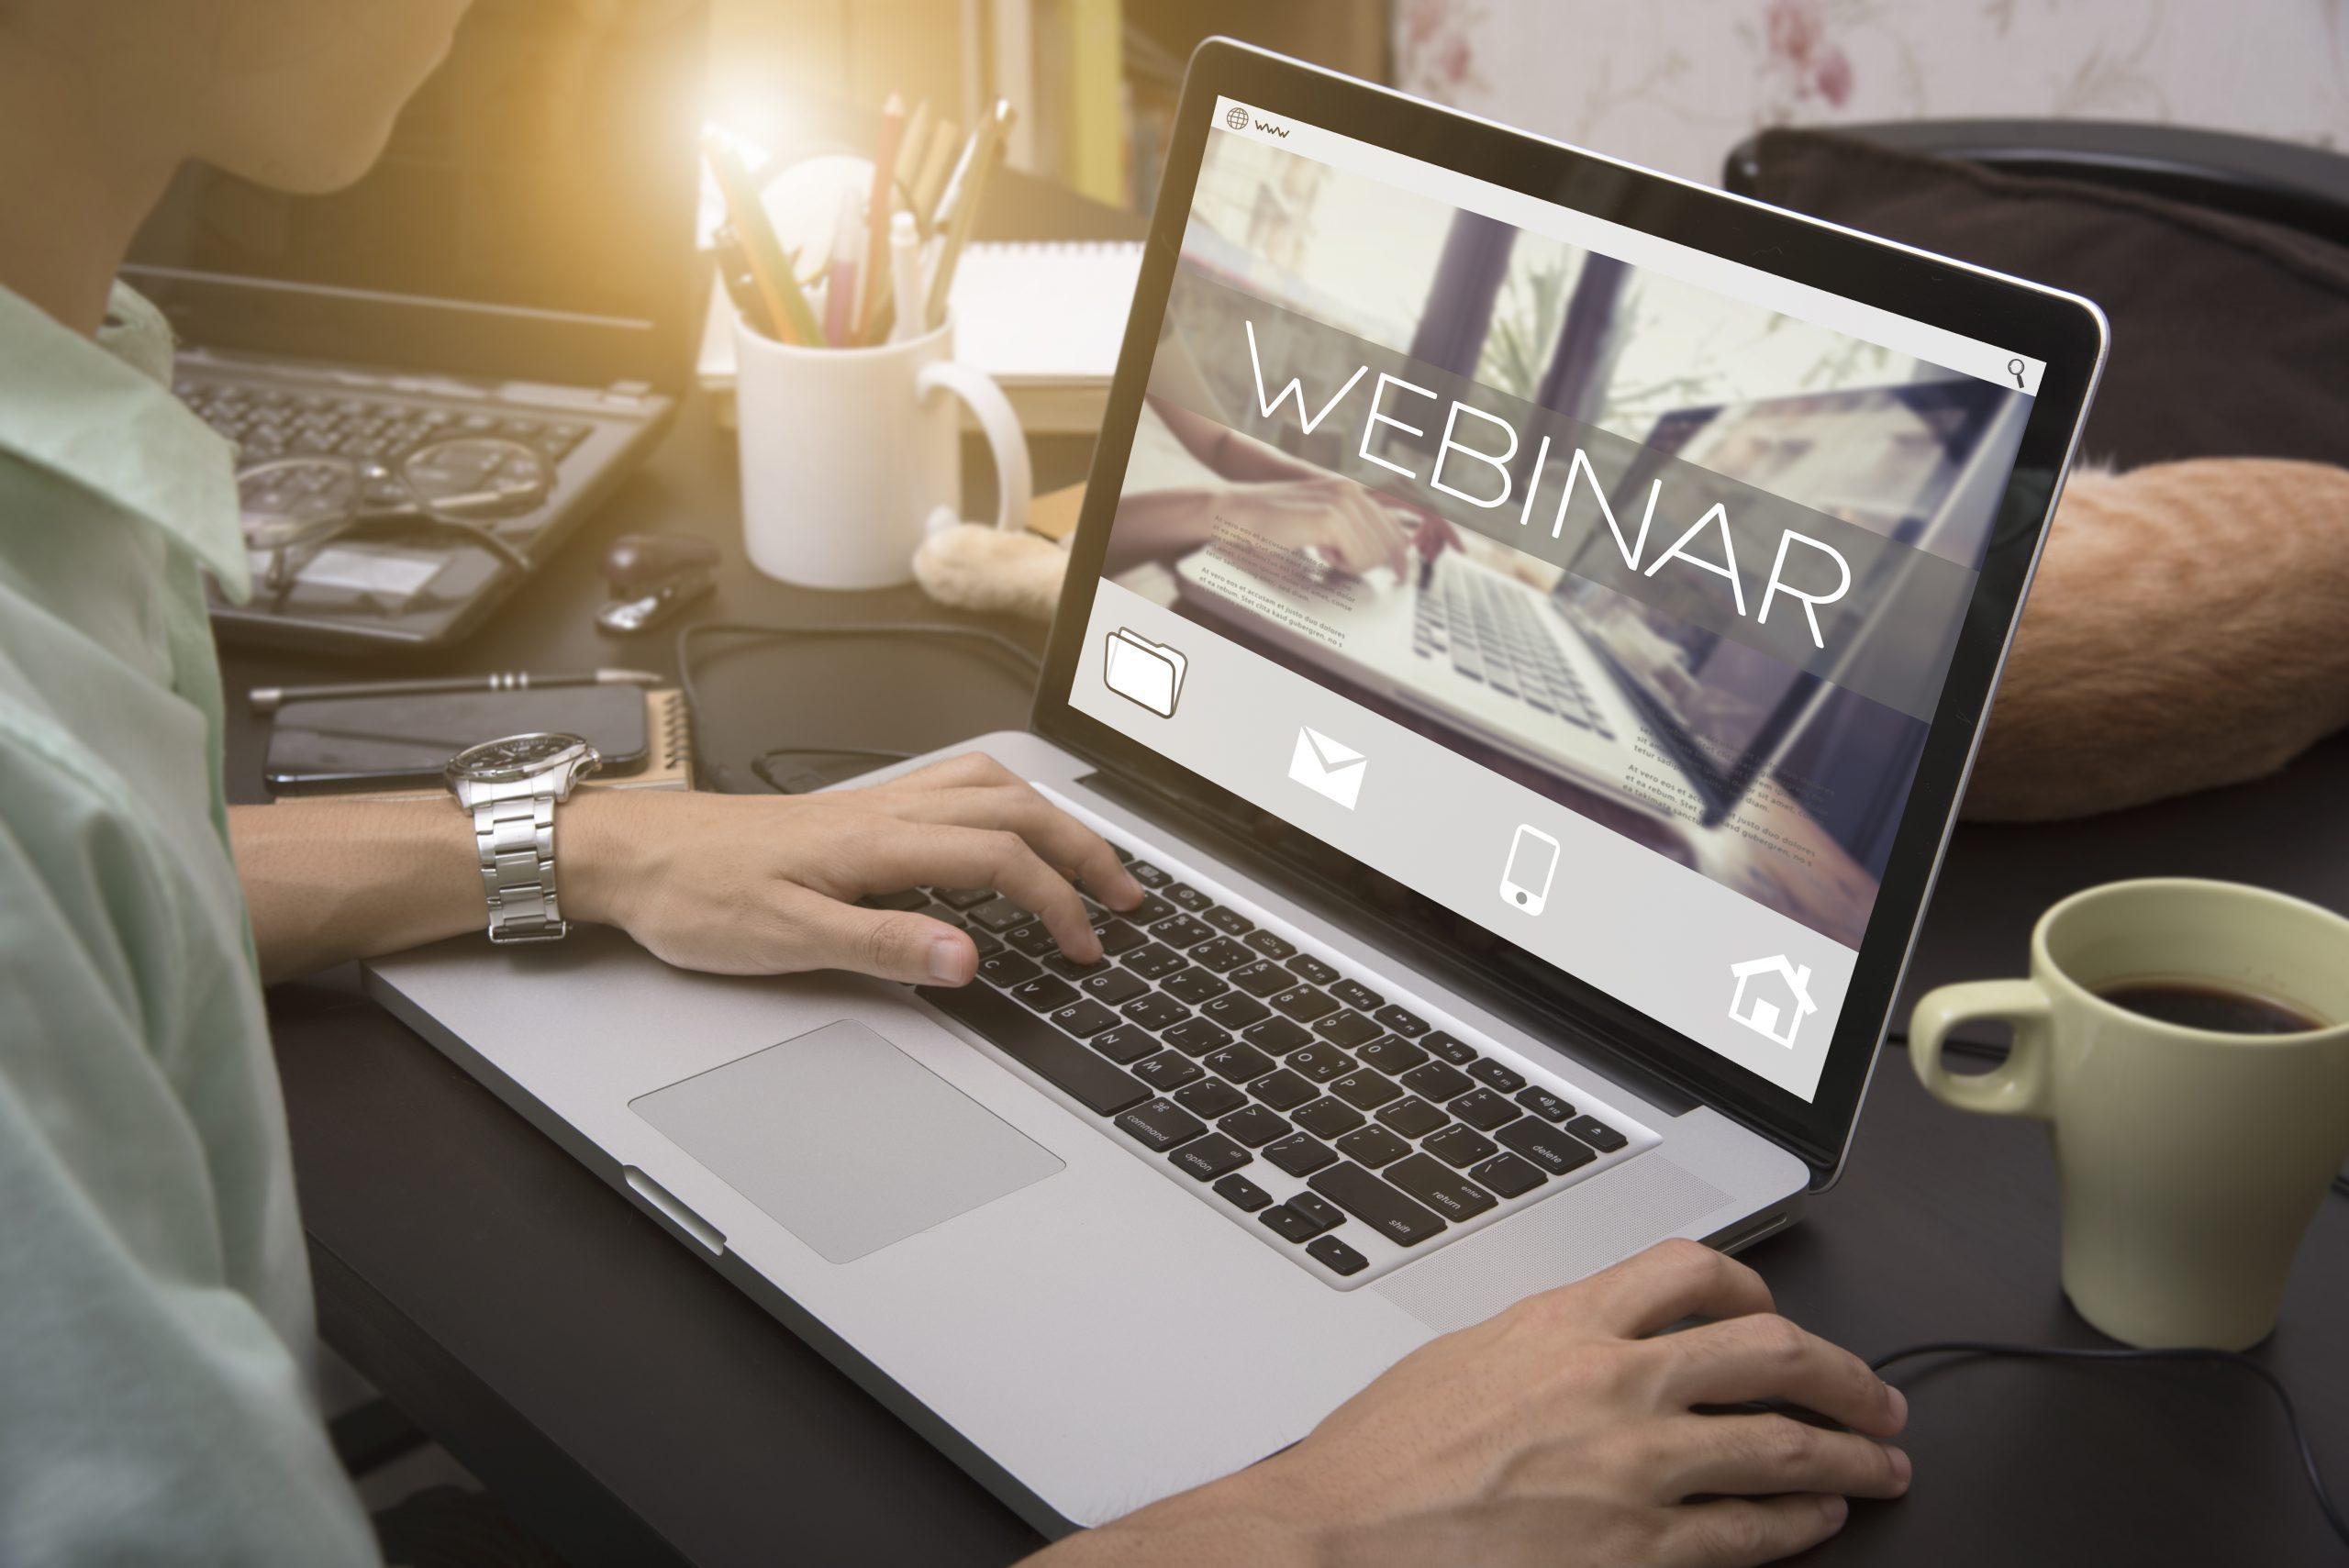 Abramed aborda múltiplos assuntos setoriais em webinars no último bimestre de 2020